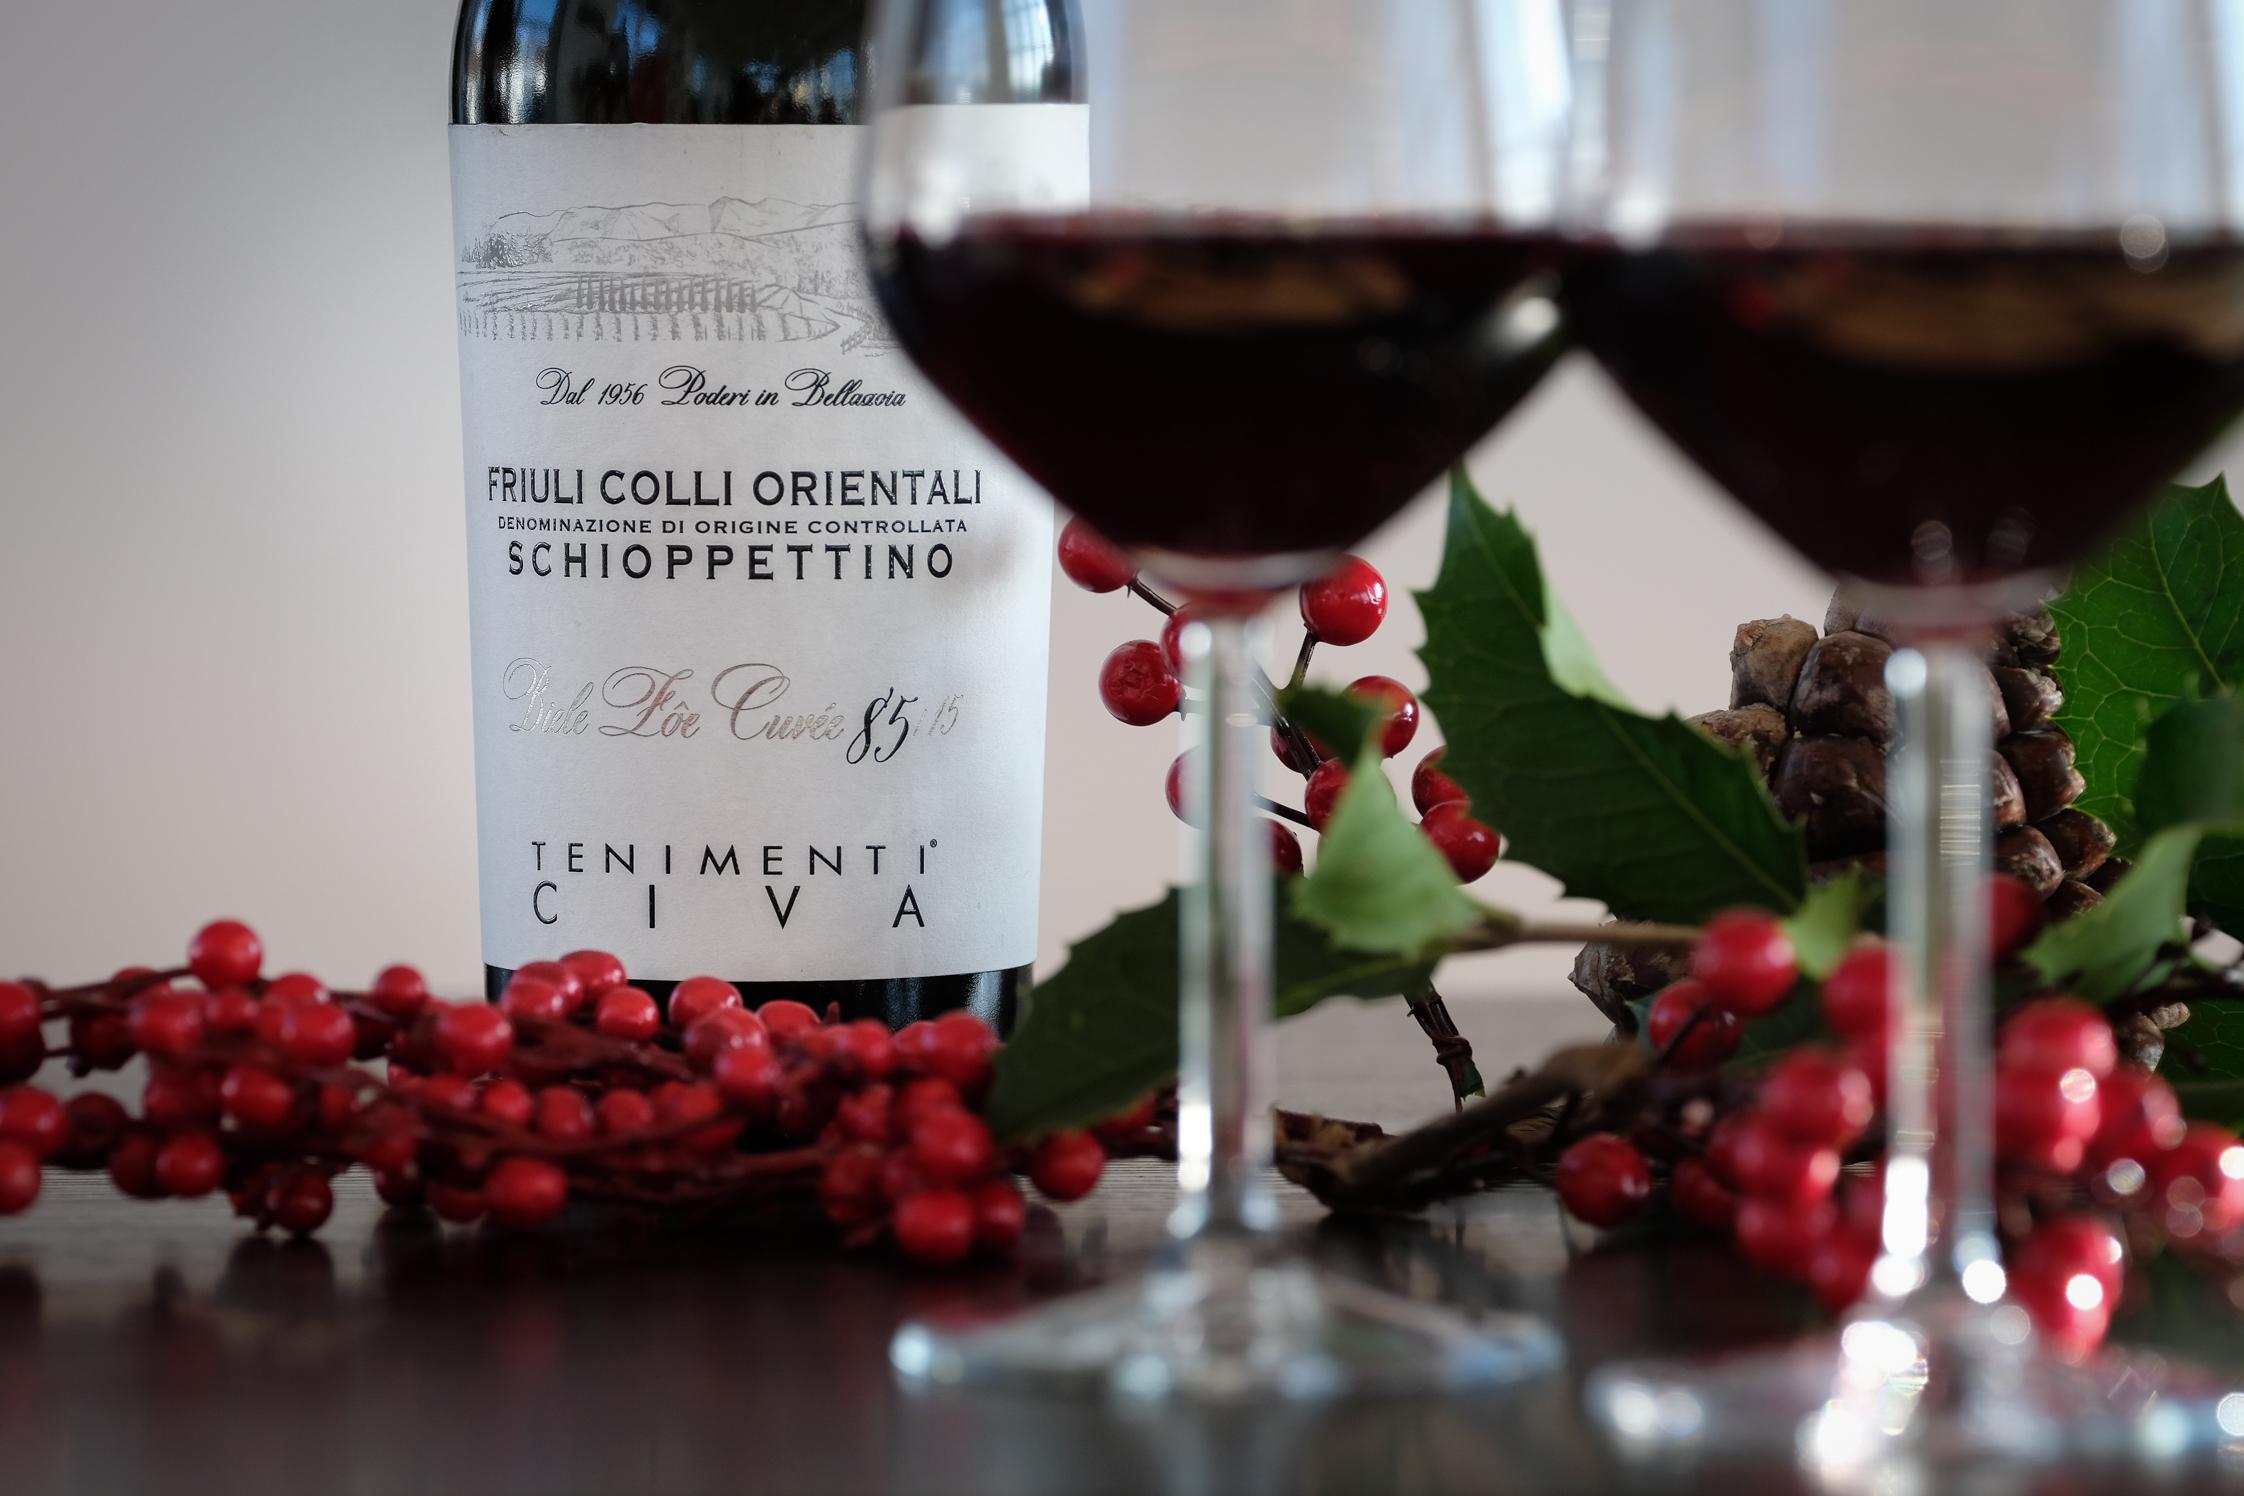 Degustazione del vino dei Tenimenti Civa